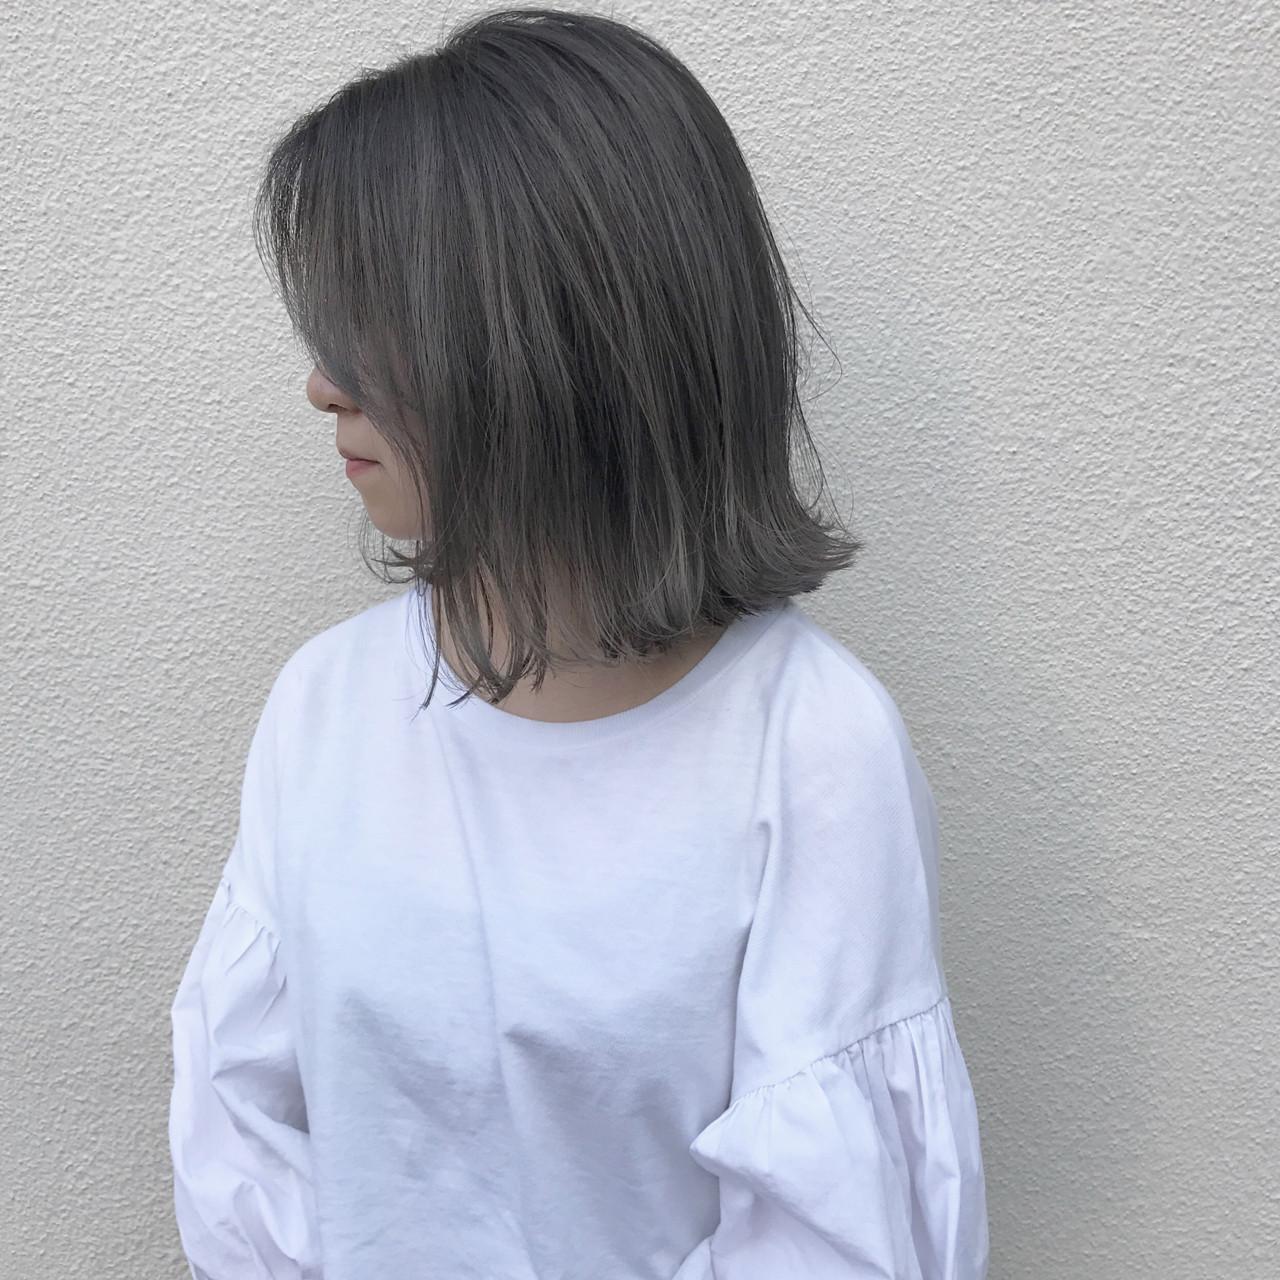 ハイライト ミディアム 外ハネ 切りっぱなしヘアスタイルや髪型の写真・画像